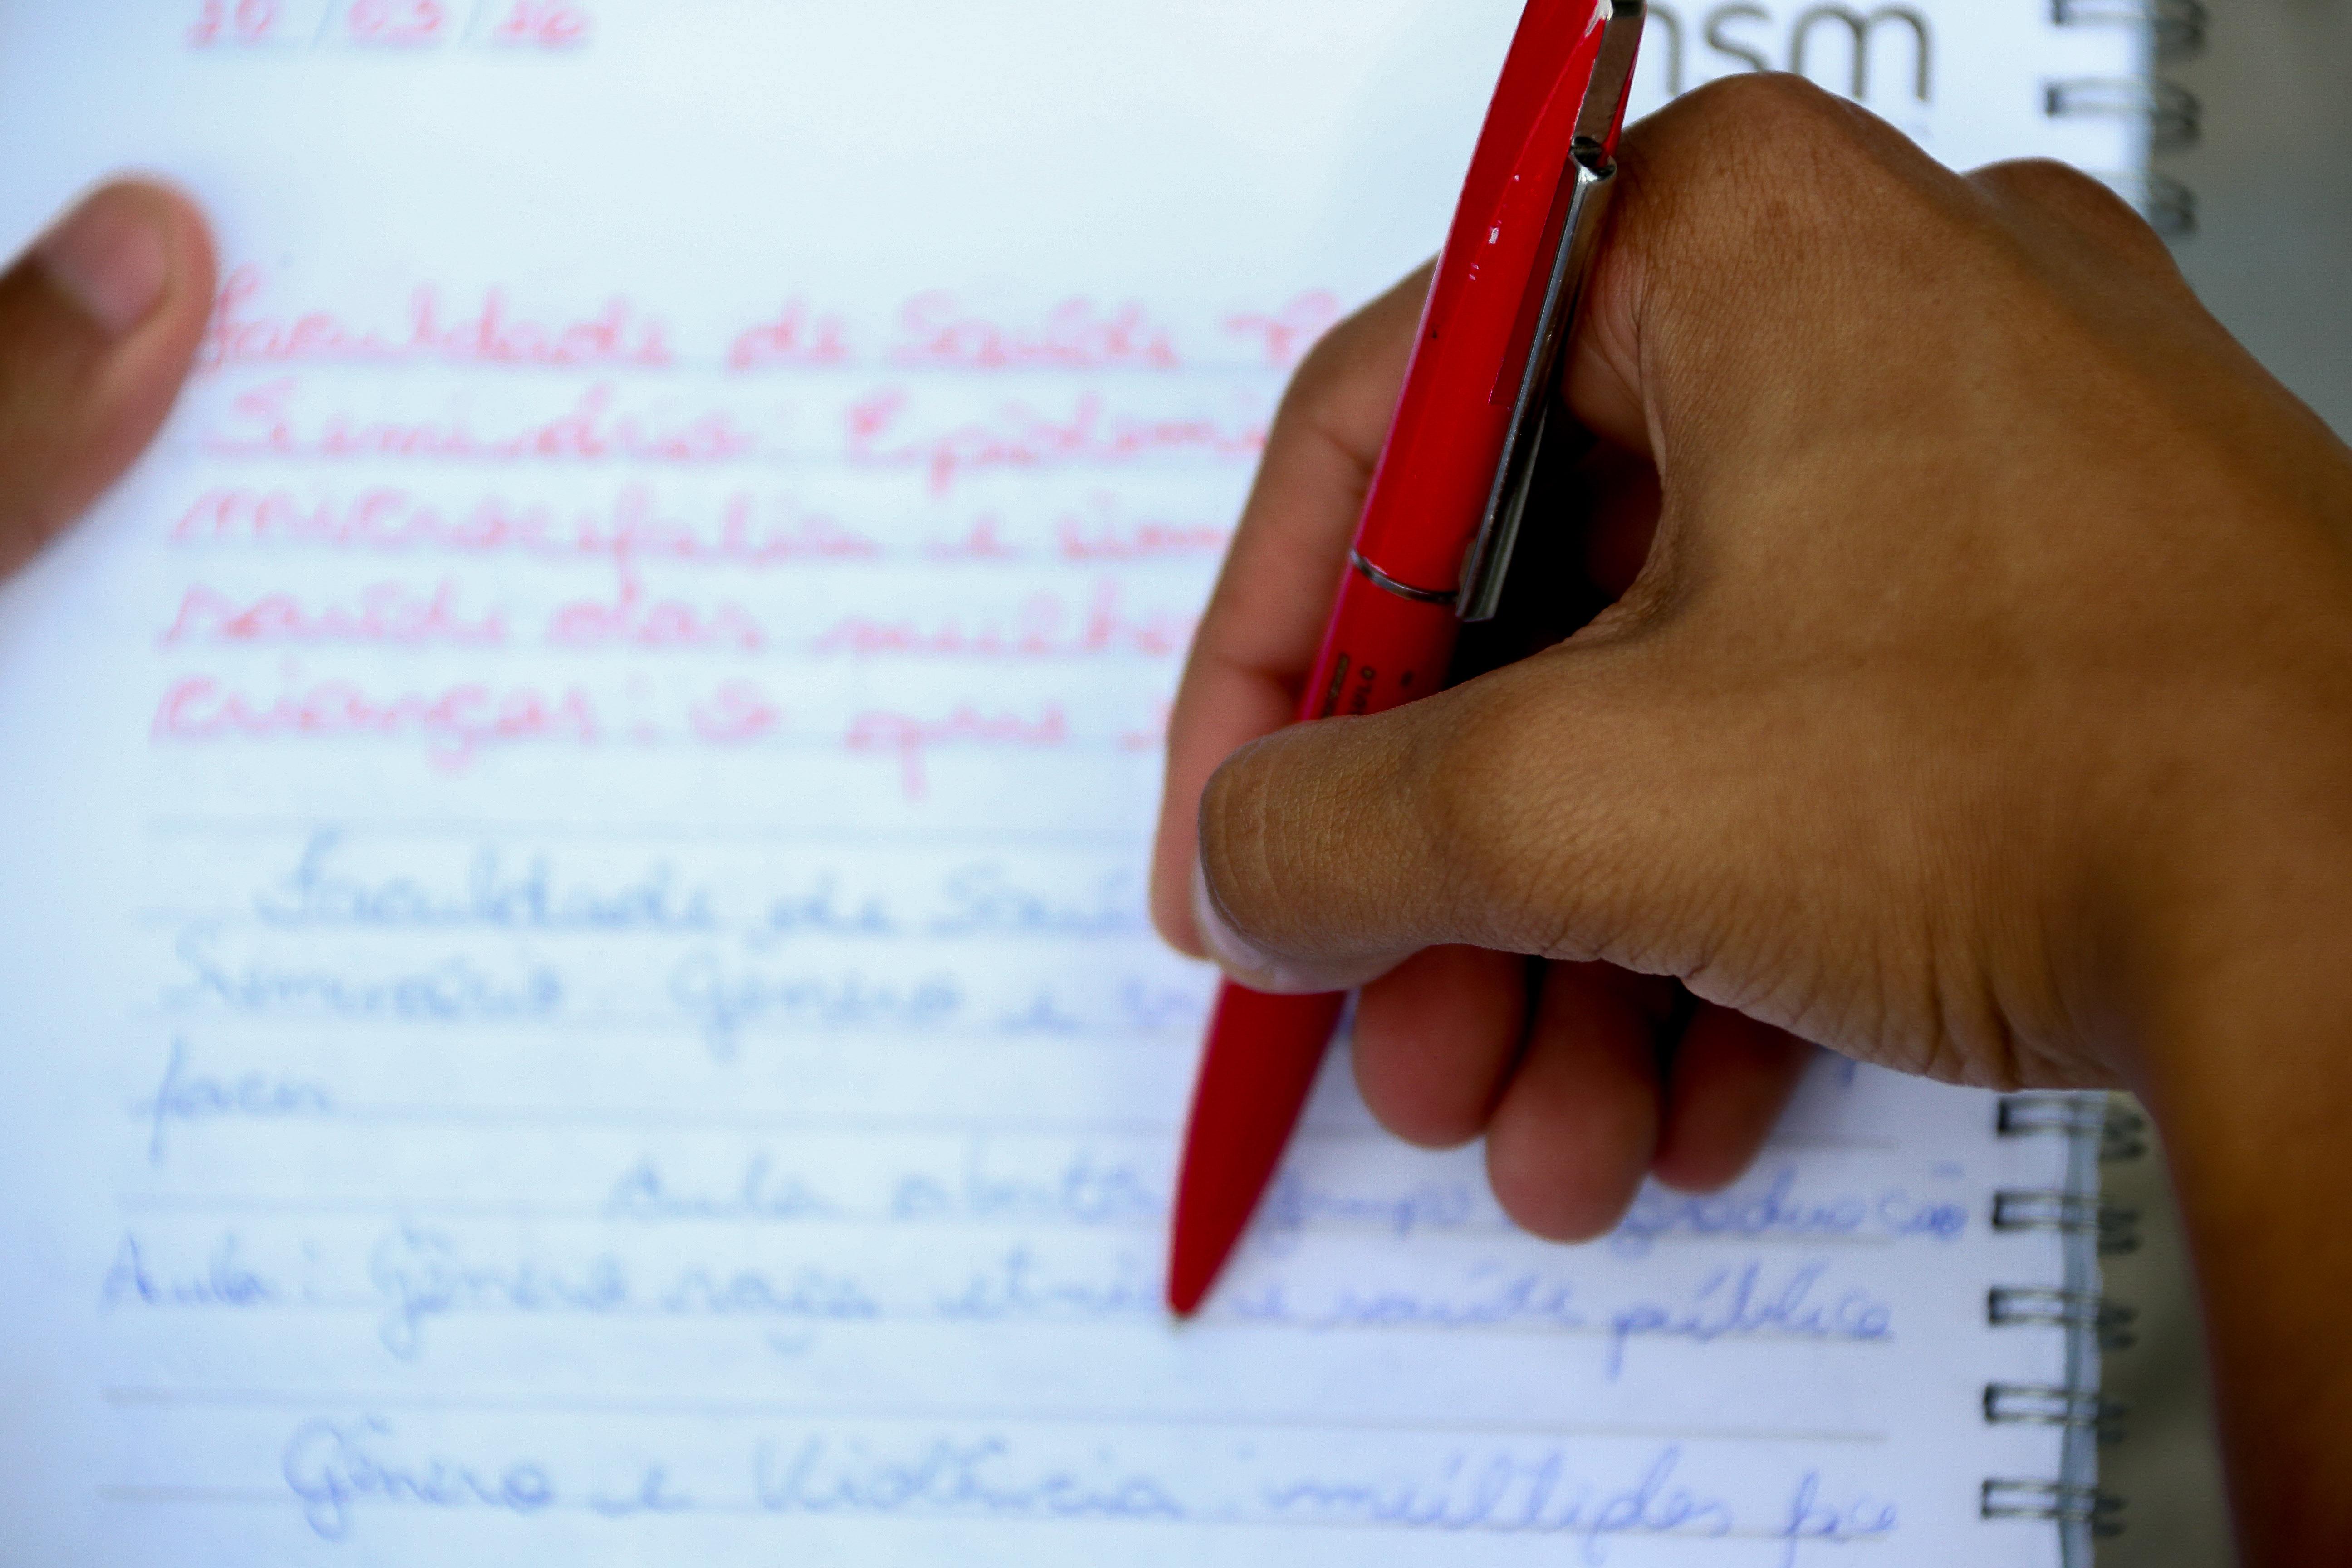 Detalhe escreita estibulando circulando na USP. foto Cecília Bastos/Usp Imagem